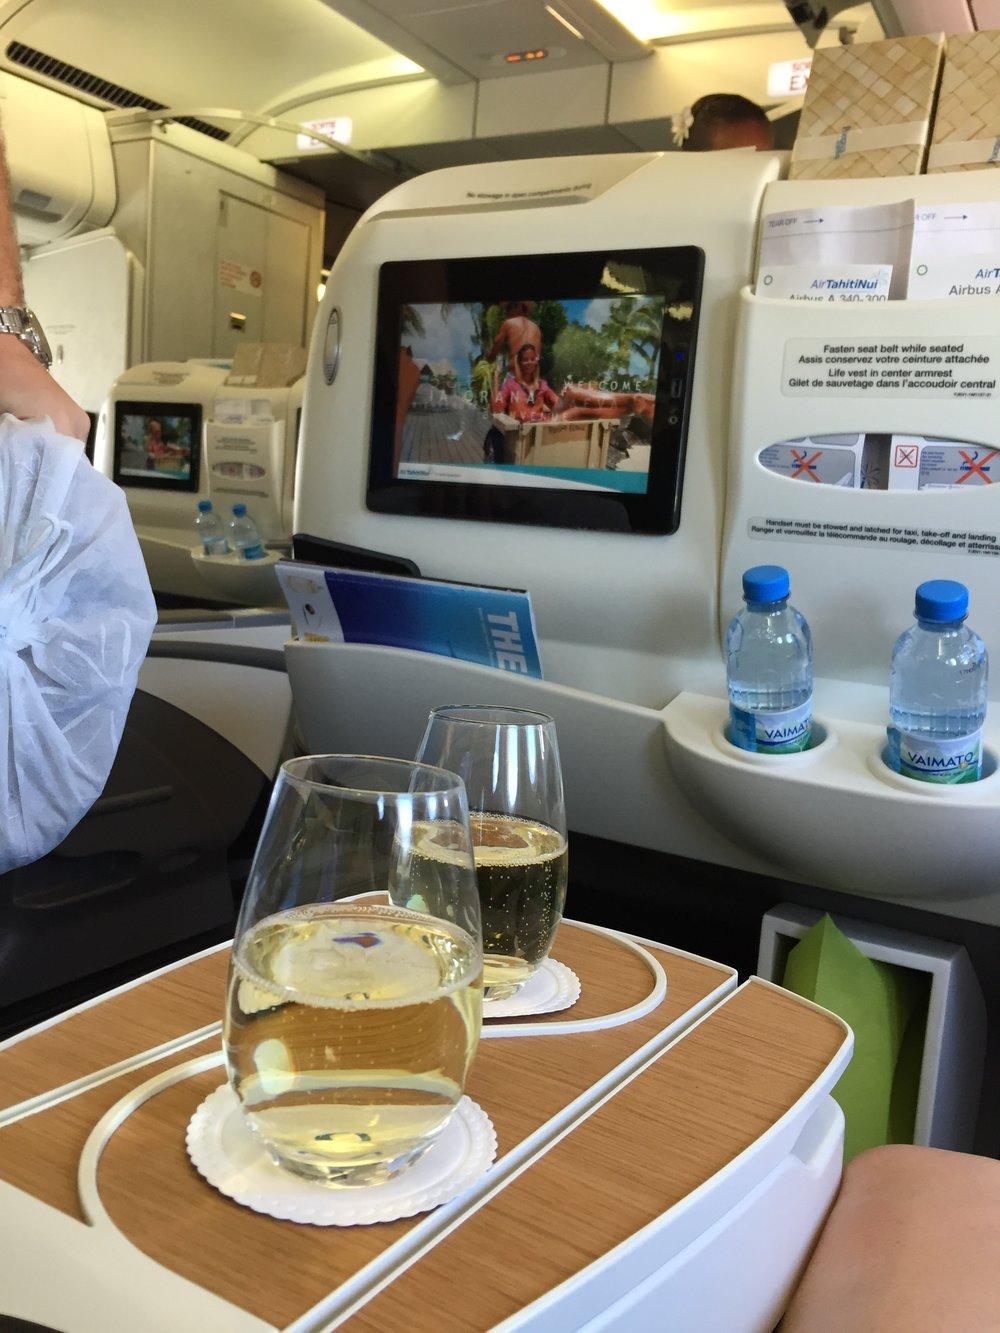 Air Tahiti Flight - Wandering Jokas Travel Blog